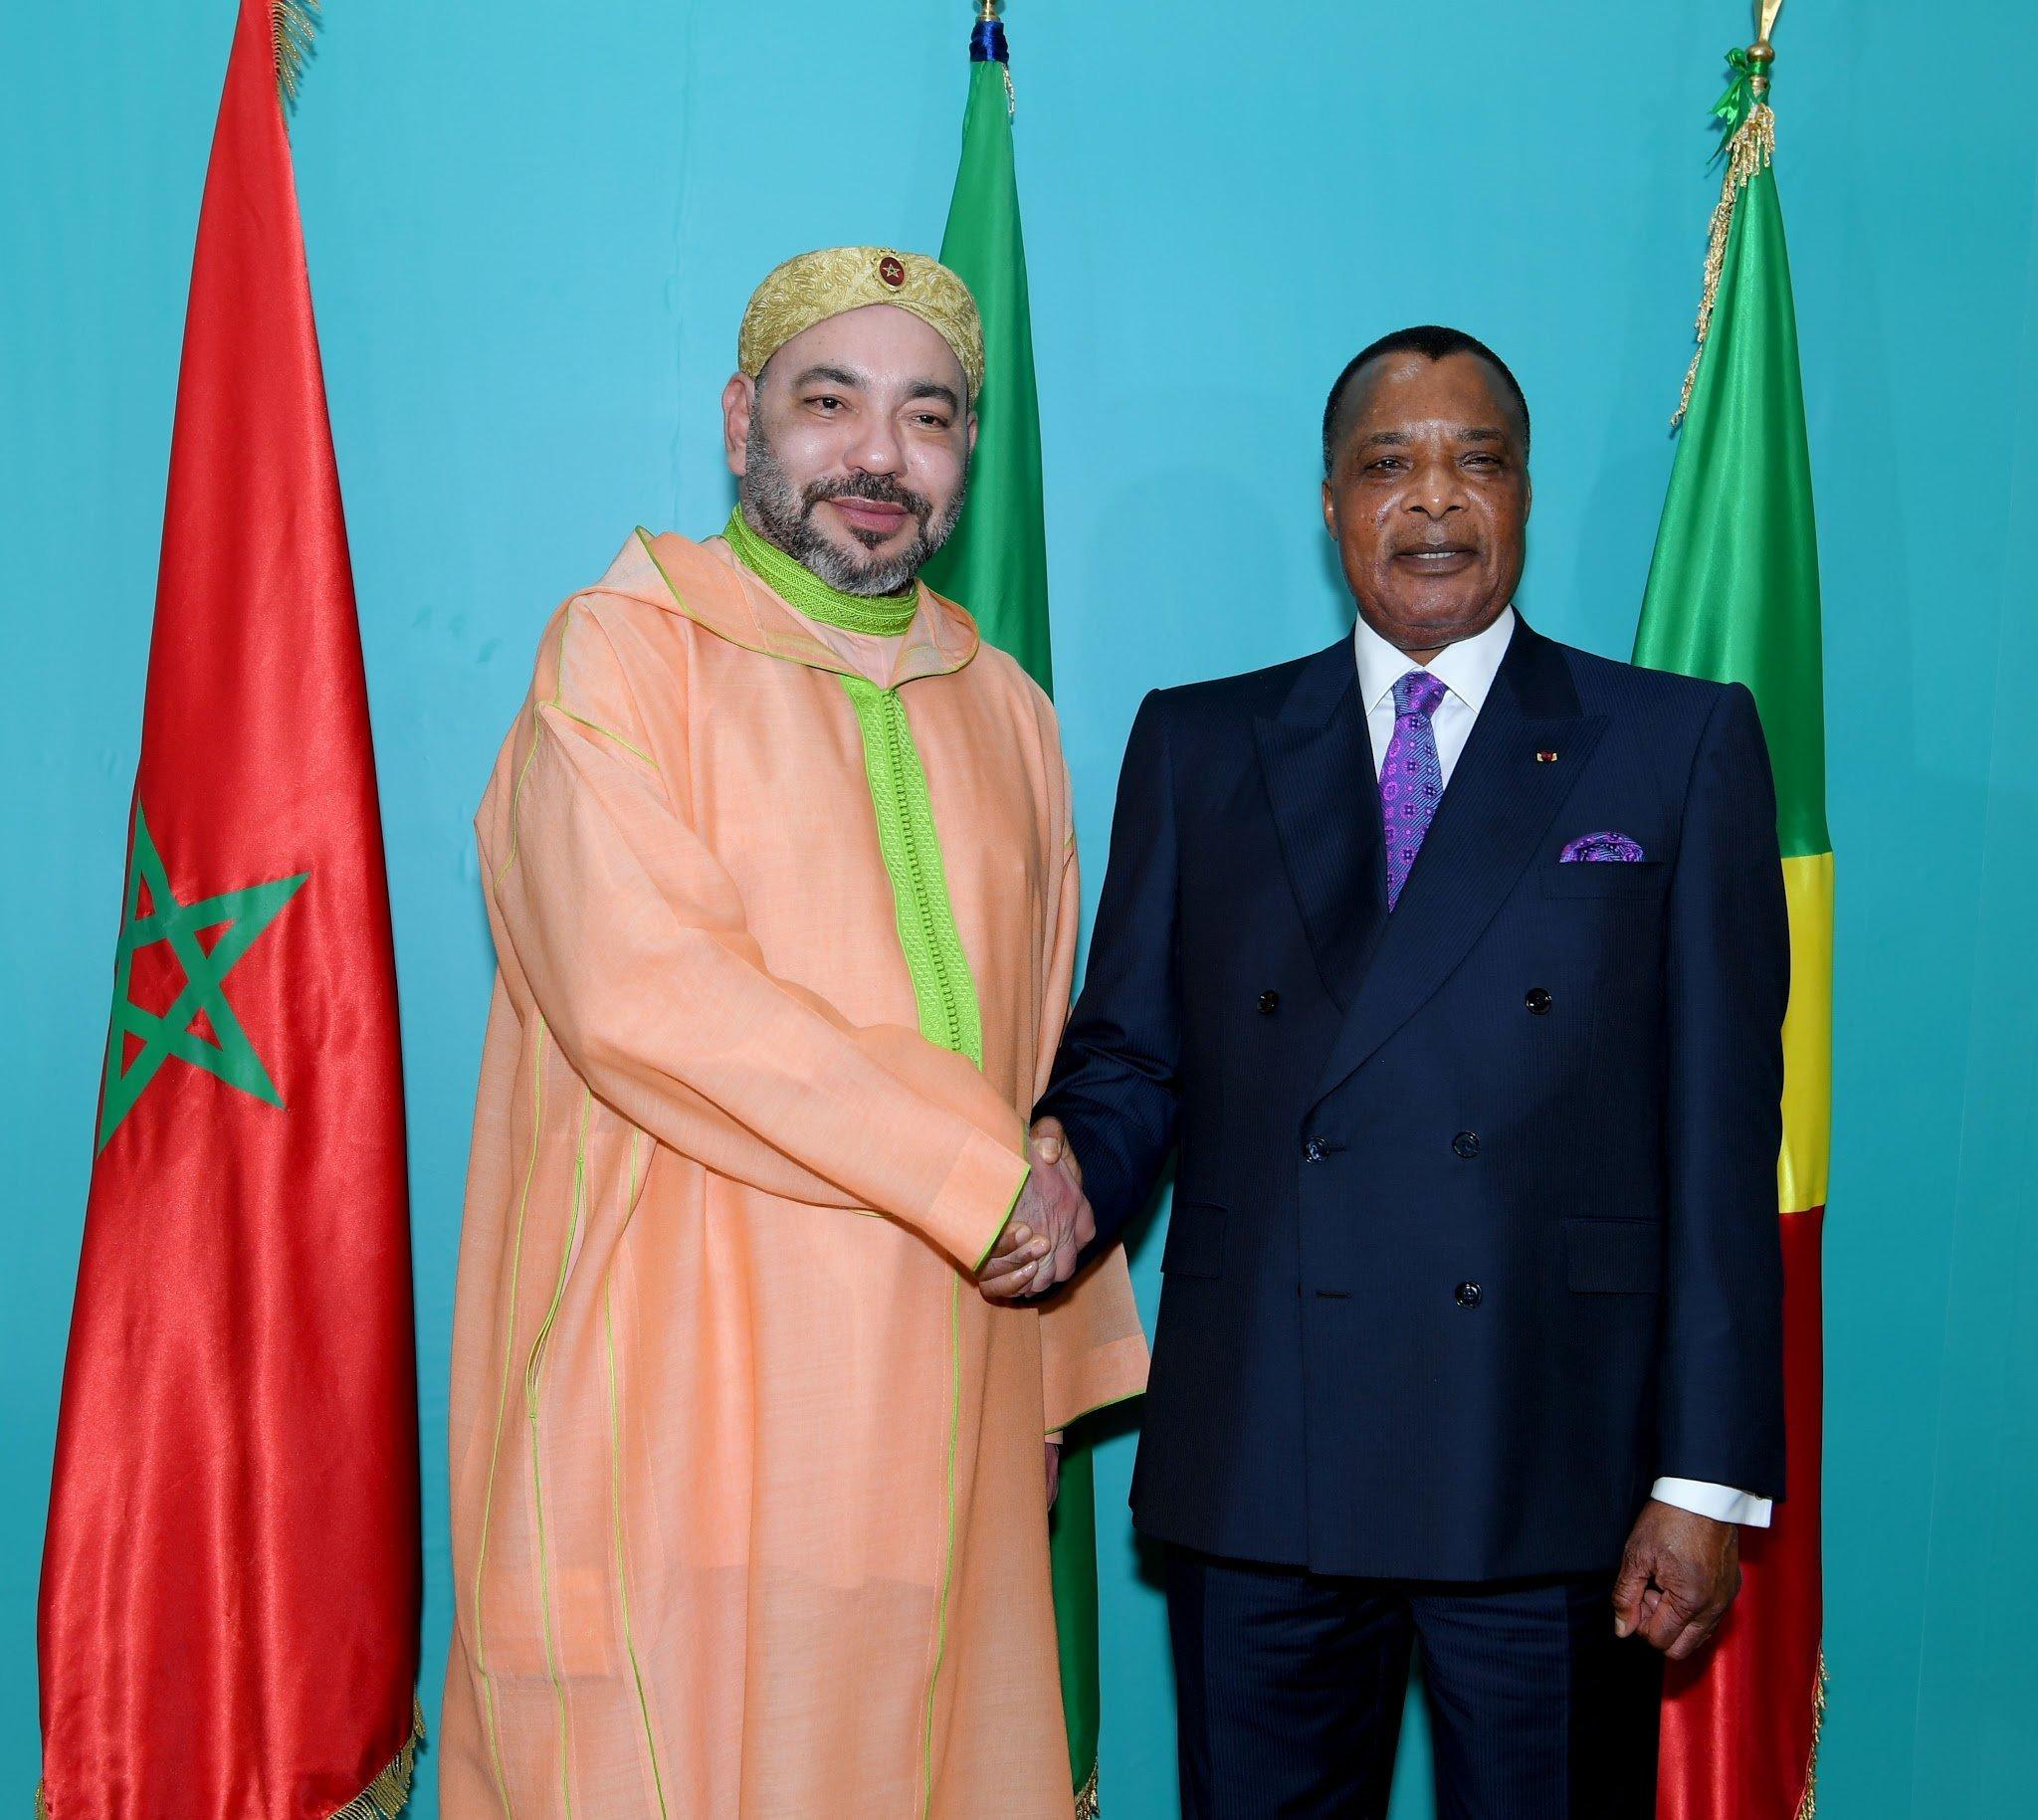 14 accords signés entre le Maroc et la République du